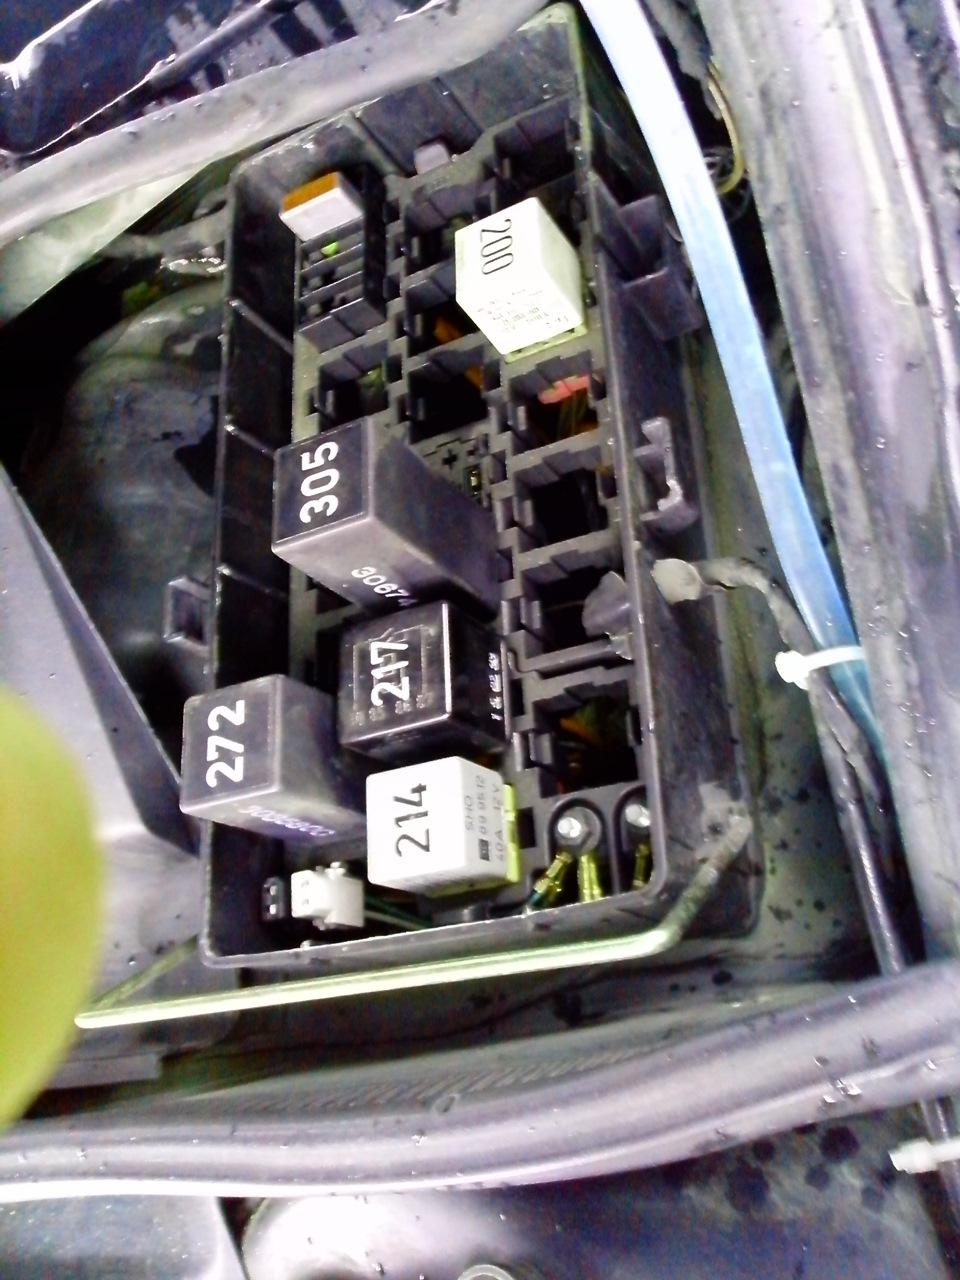 нет циркуляции через радиатор после замены ож ауди а6с4 2.6